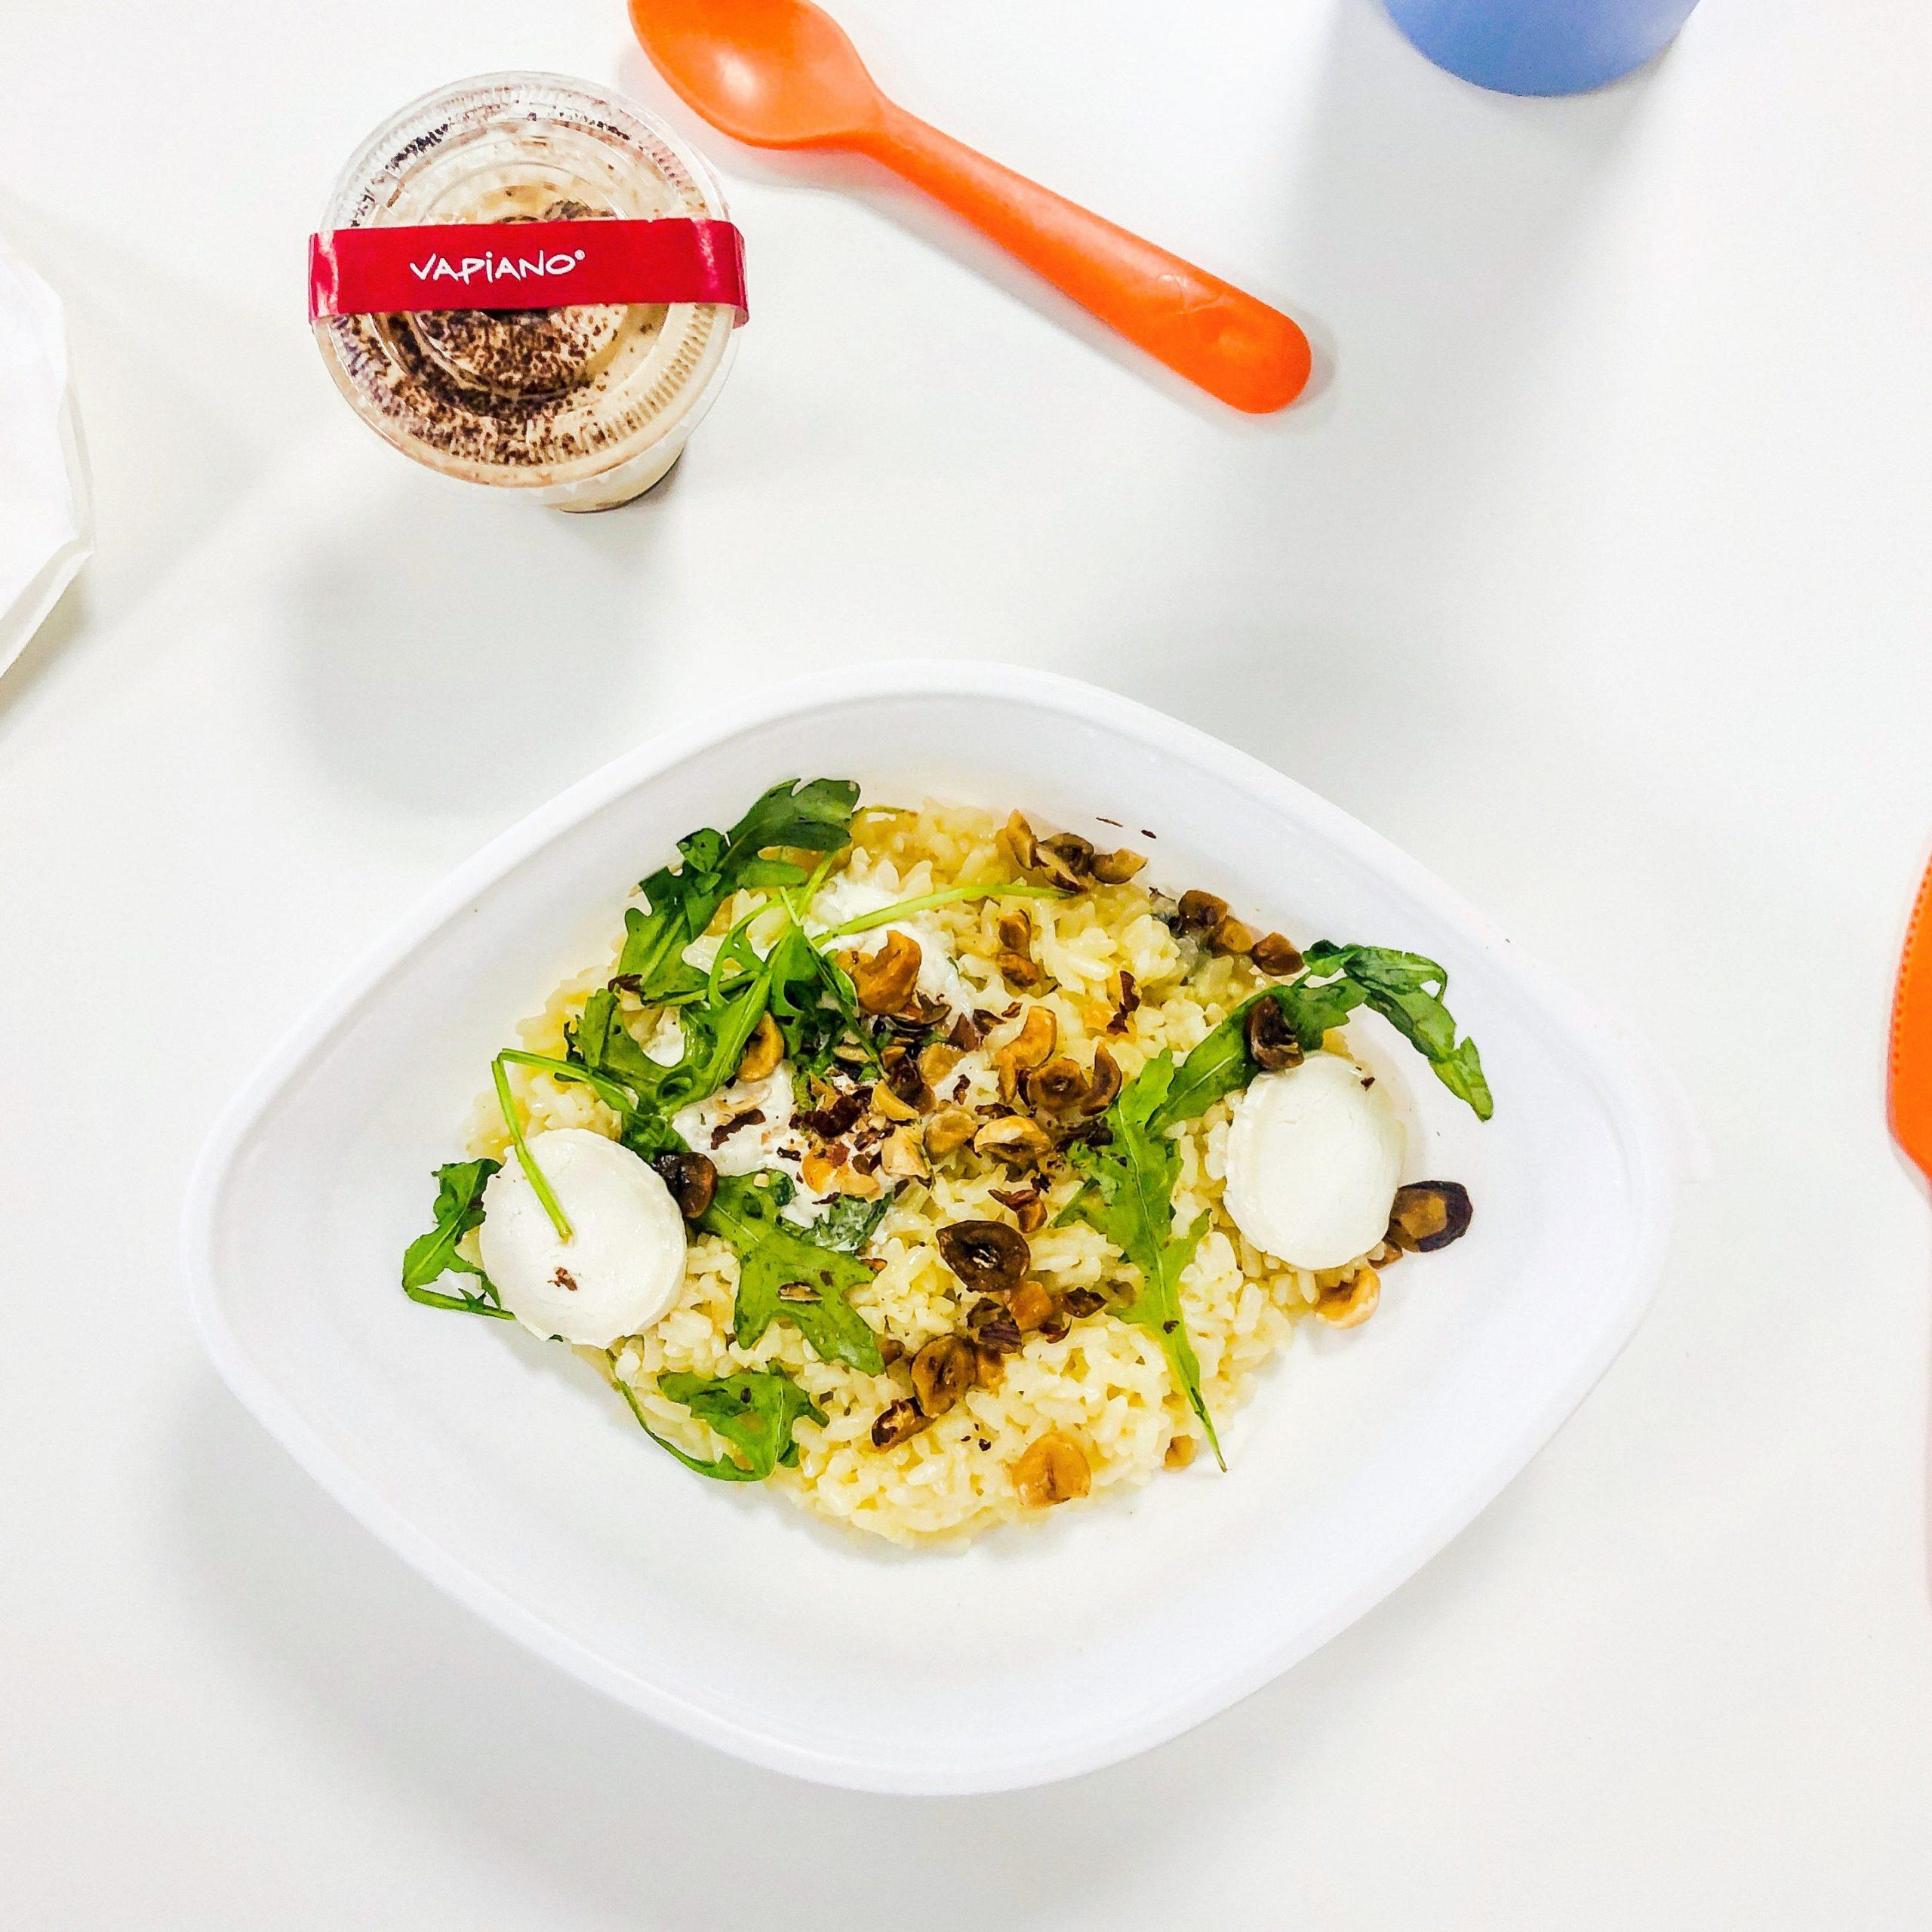 en-cuisine-vapiano-pasta-day-morandmors